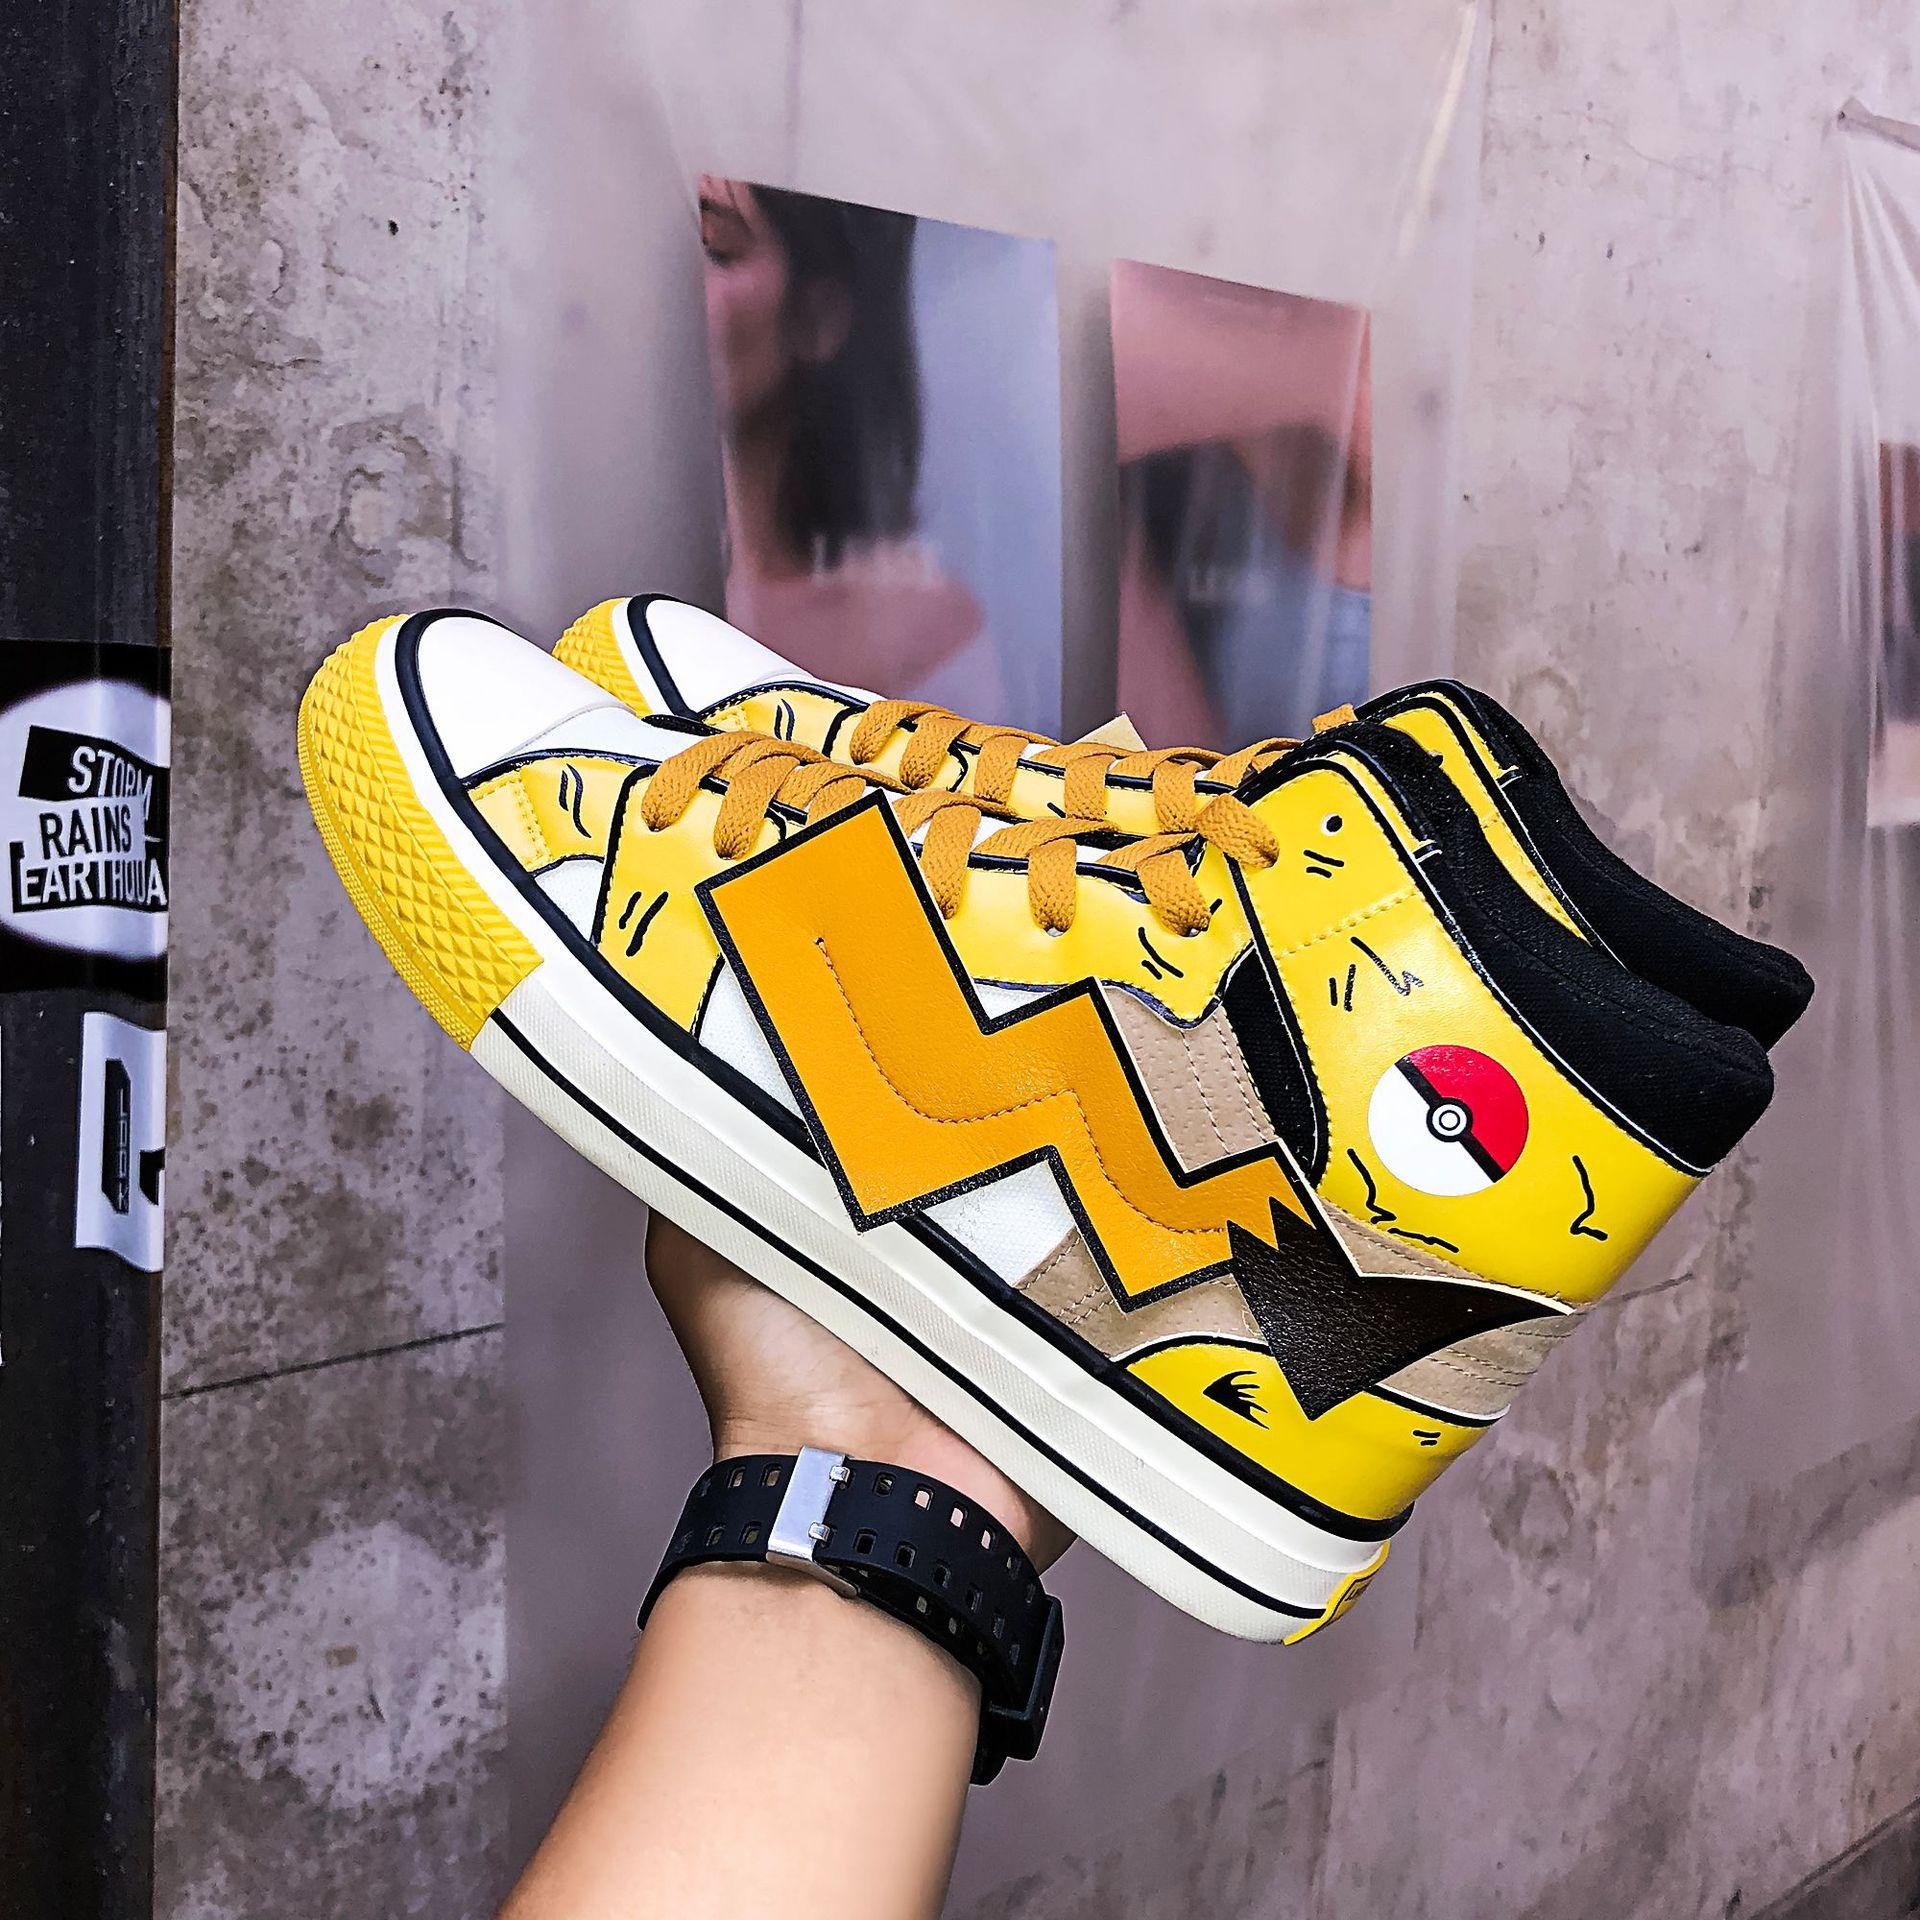 Модная парусиновая обувь для костюмированной вечеринки в стиле аниме «Покемон каваи Пикачу»; обувь для подростков; школьная спортивная обувь; кроссовки; Уличная обувь для путешествий - Цвет: A